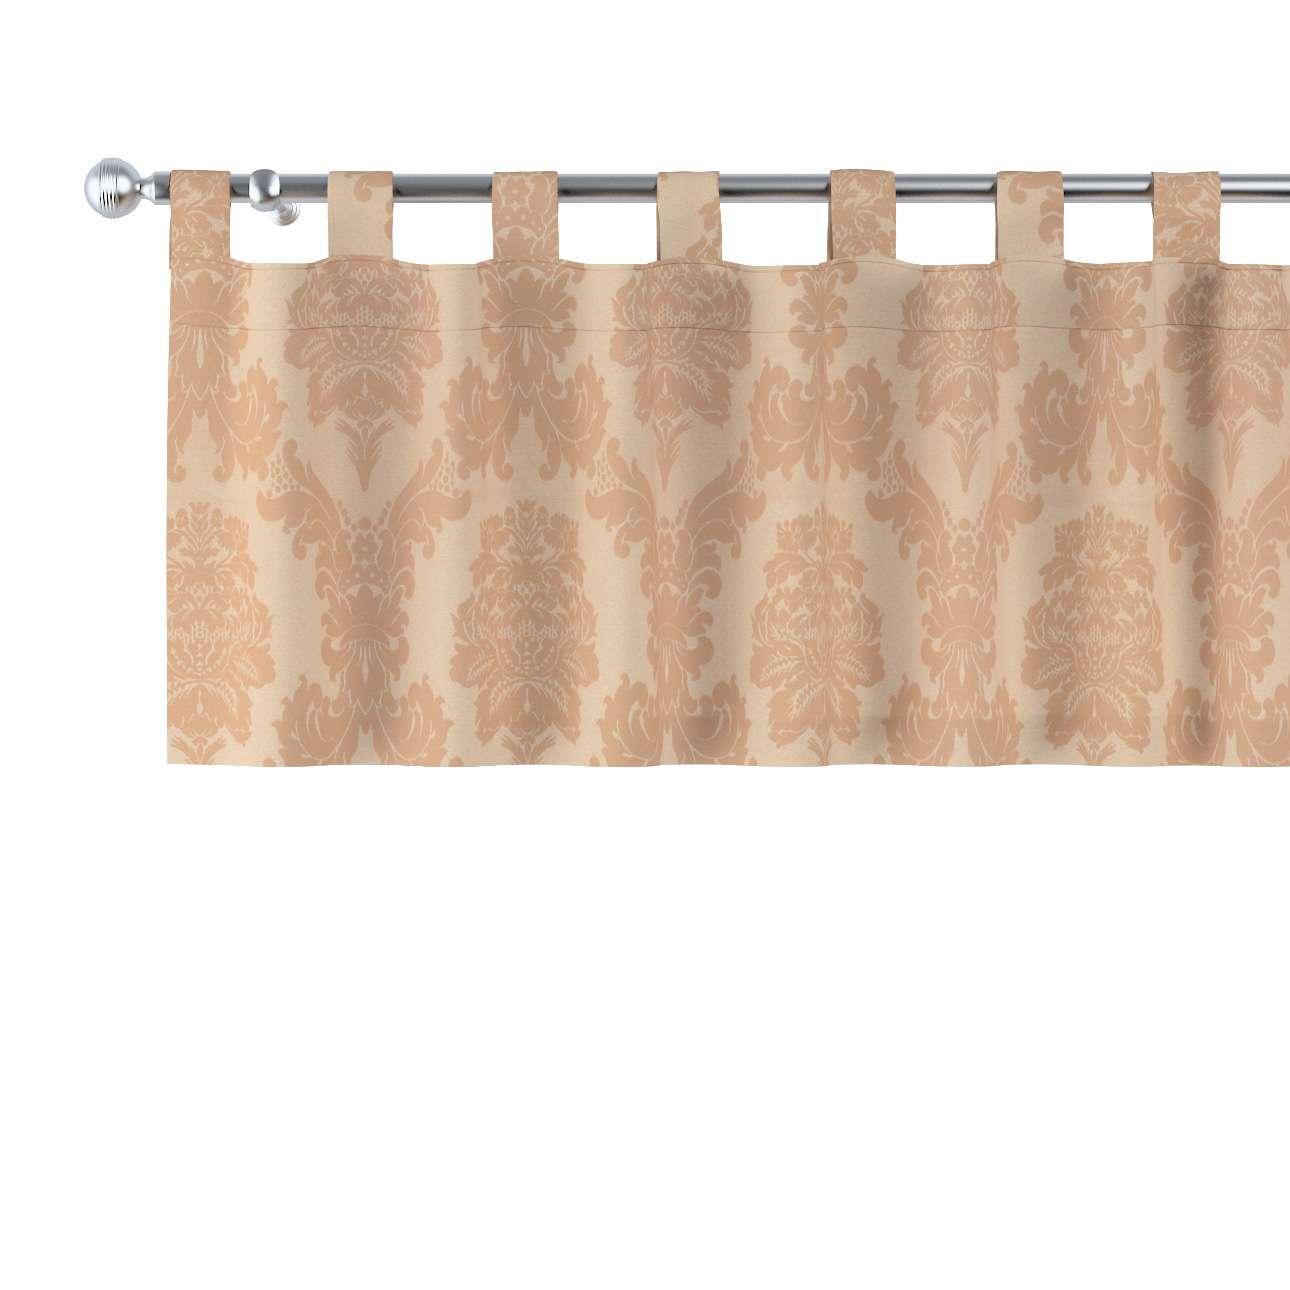 Gardinkappa med hällor 130 × 40 cm i kollektionen Damasco, Tyg: 613-04